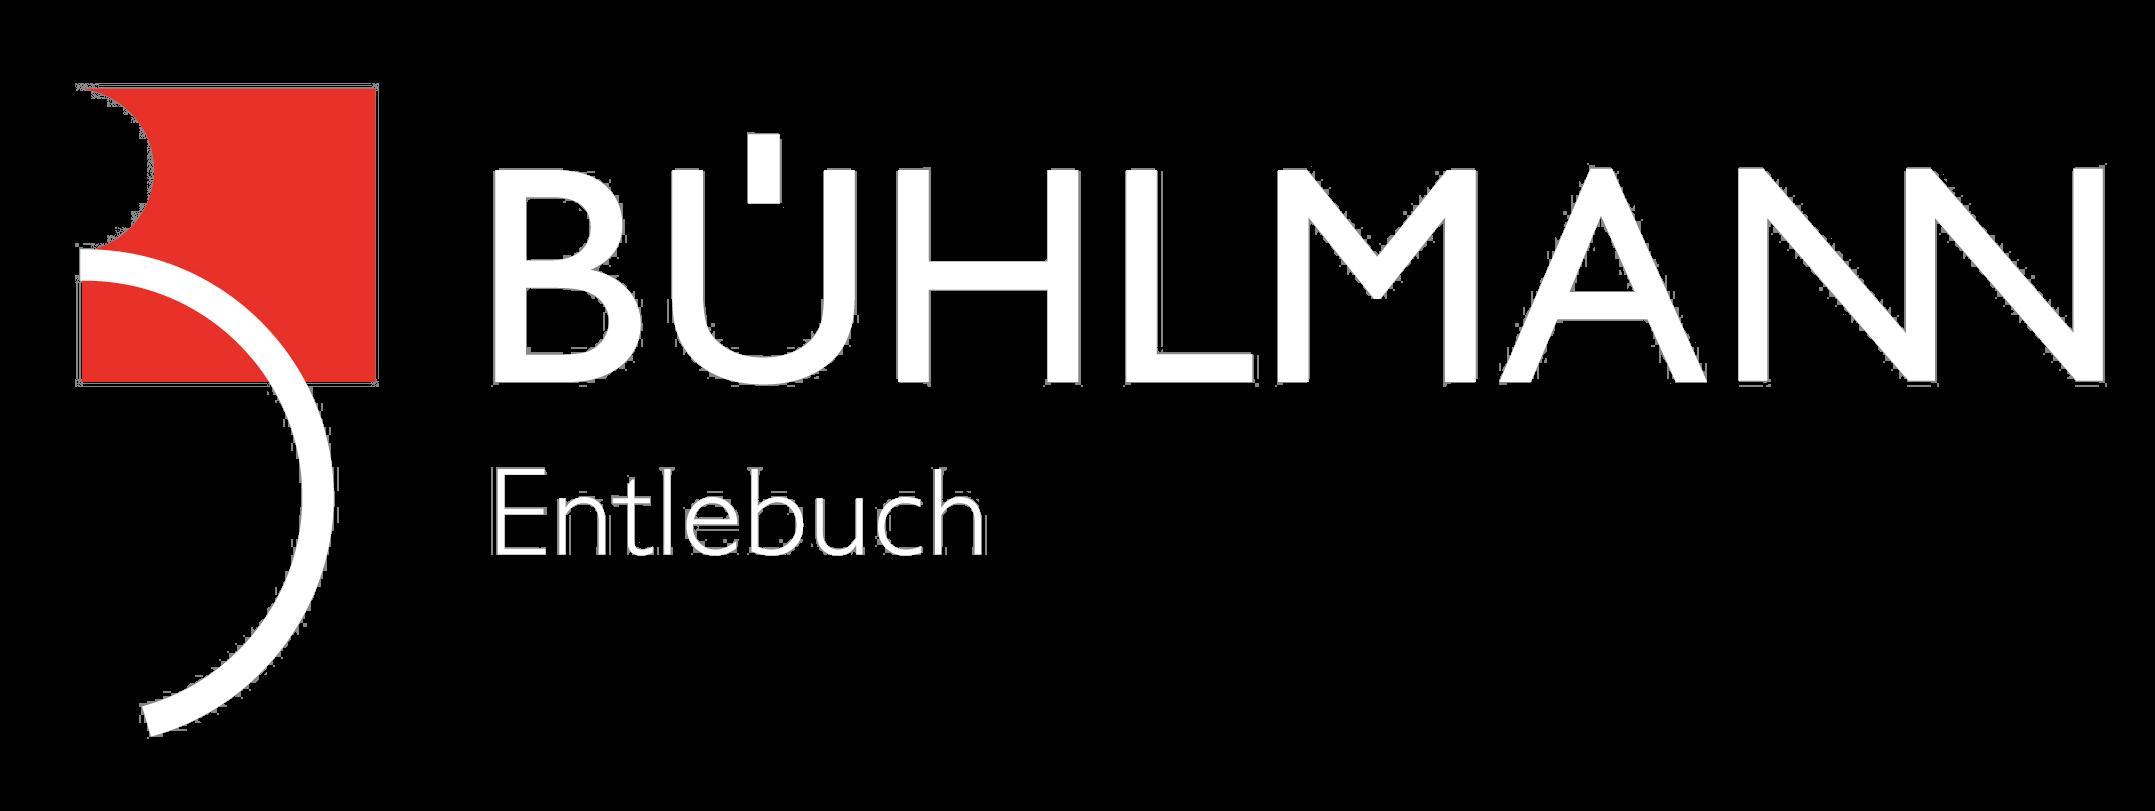 Logo Buehlmann Entlebuch